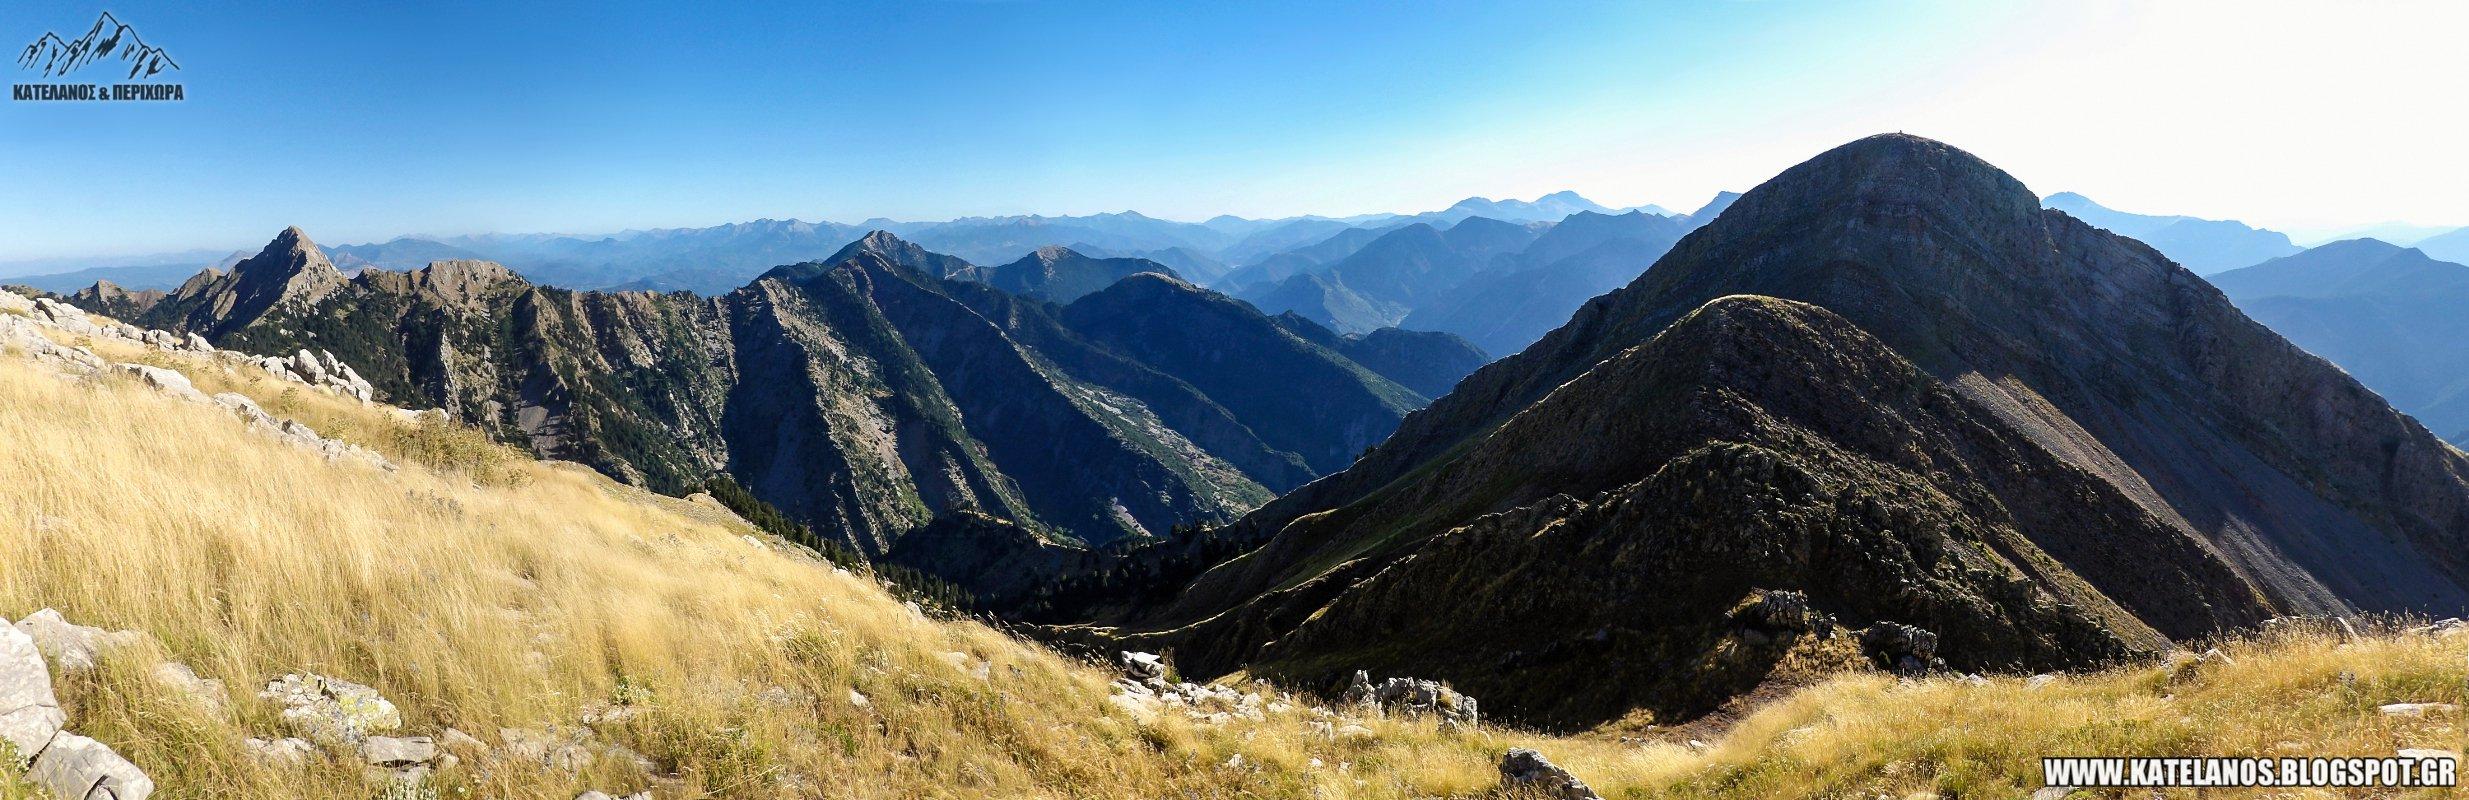 οροσειρα κουτουπας παναιτωλικο ορος νεραιδοβουνι συνορα ευρυτανιας αιτωλοακαρνανιας